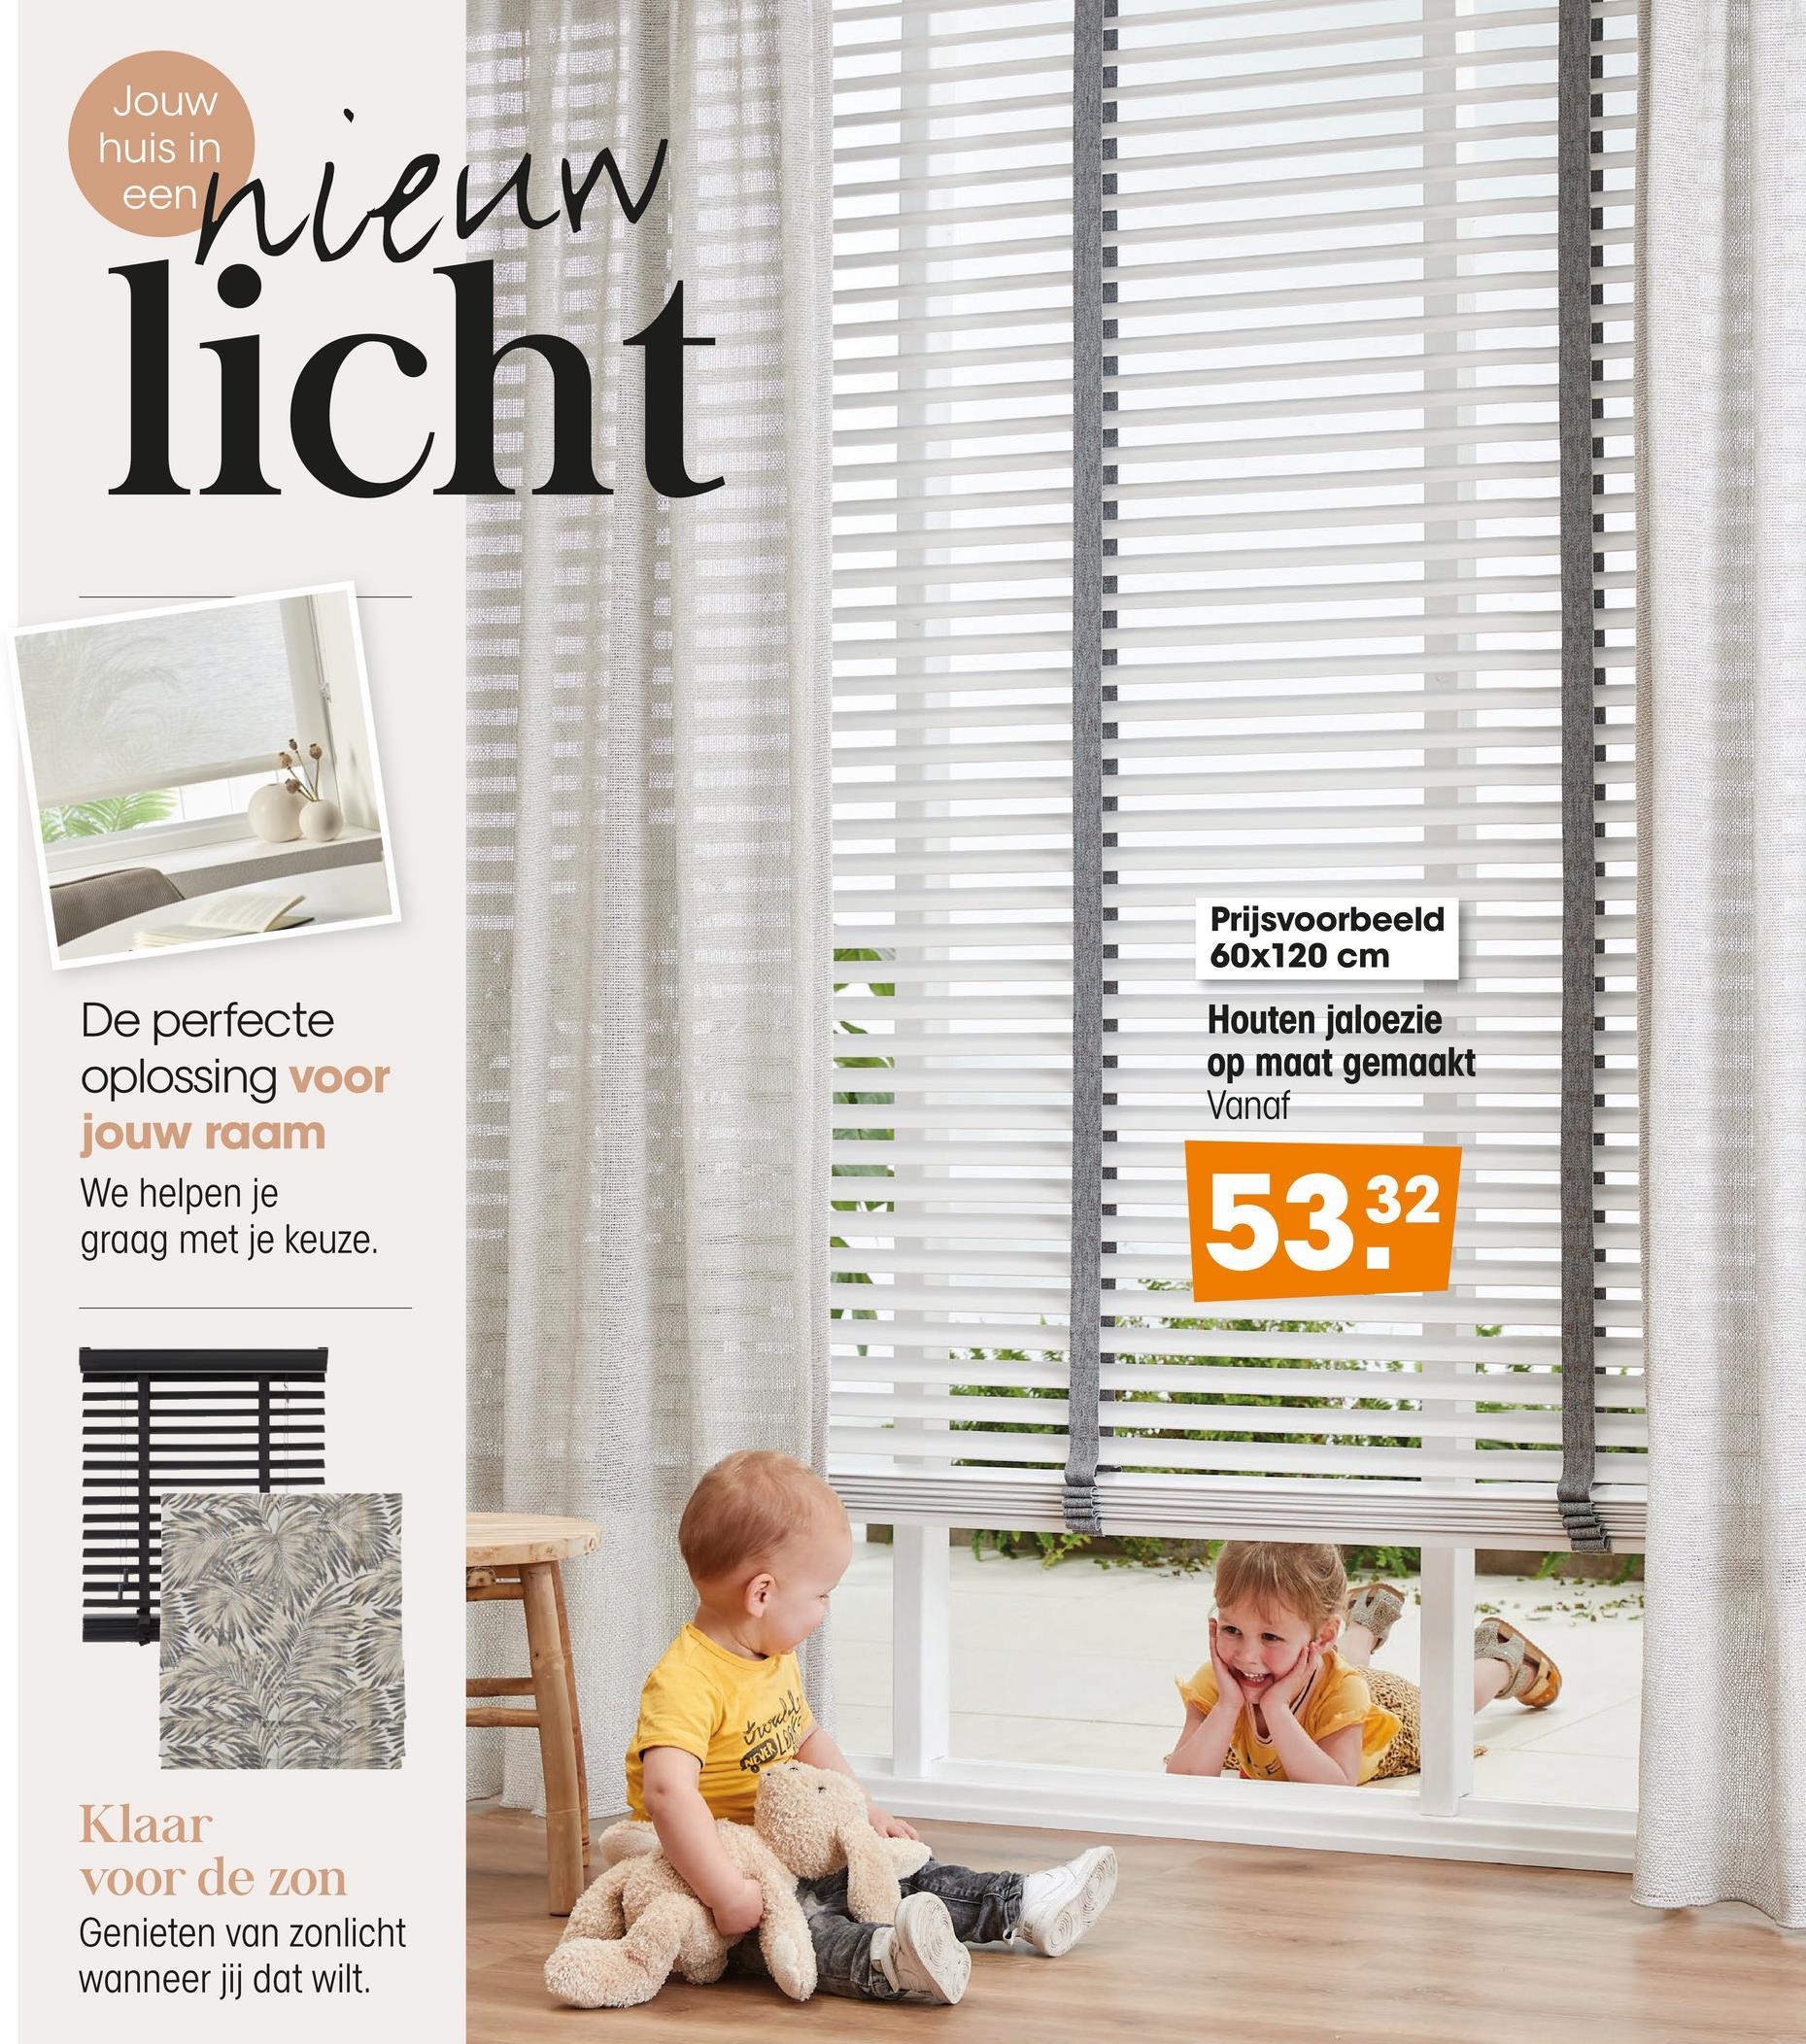 Jouw huis in een nieun licht Prijsvoorbeeld 60x120 cm Houten jaloezie op maat gemaakt Vanaf De perfecte oplossing voor jouw raam We helpen je graag met je keuze. LIII.1!111 5332 trould NEVER Klaar voor de zon Genieten van zonlicht wanneer jij dat wilt.